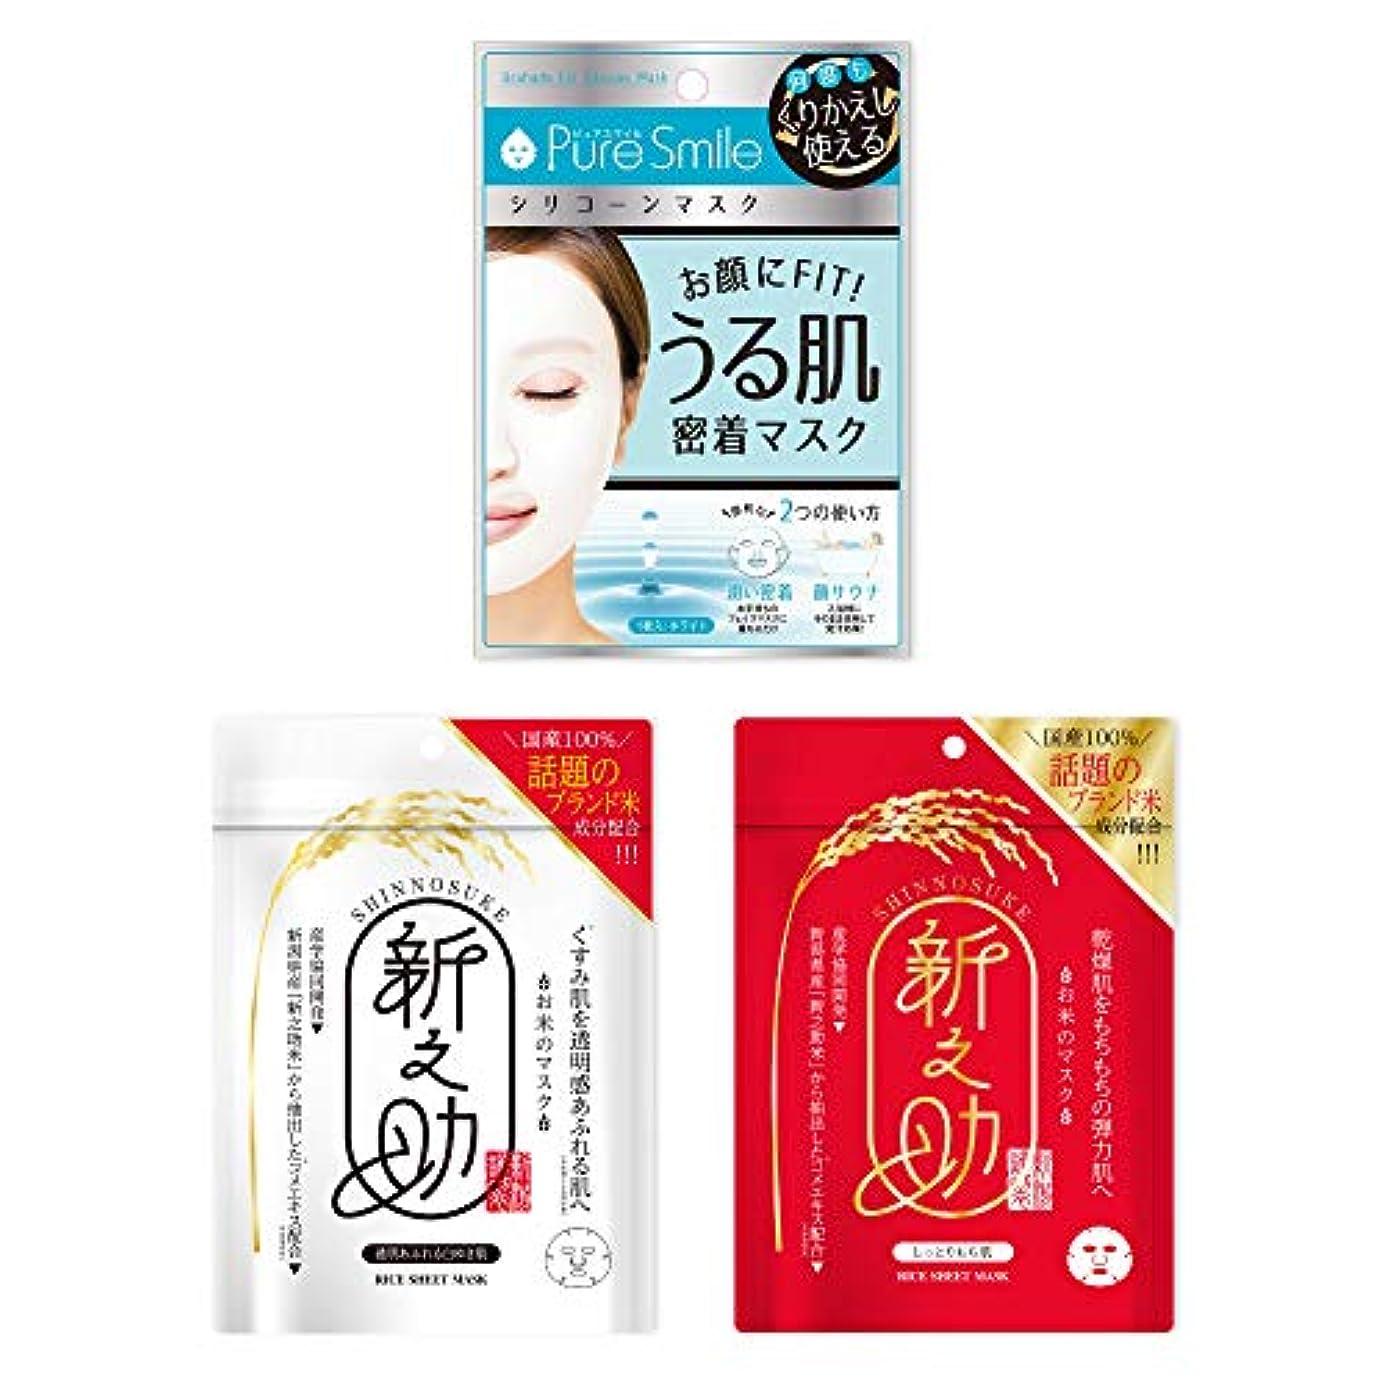 次へうまくやる()麺[セット品]シリコーンマスク+新之助シートマスク 2種類セット(透明あふれる雪肌/しっとりもち肌)